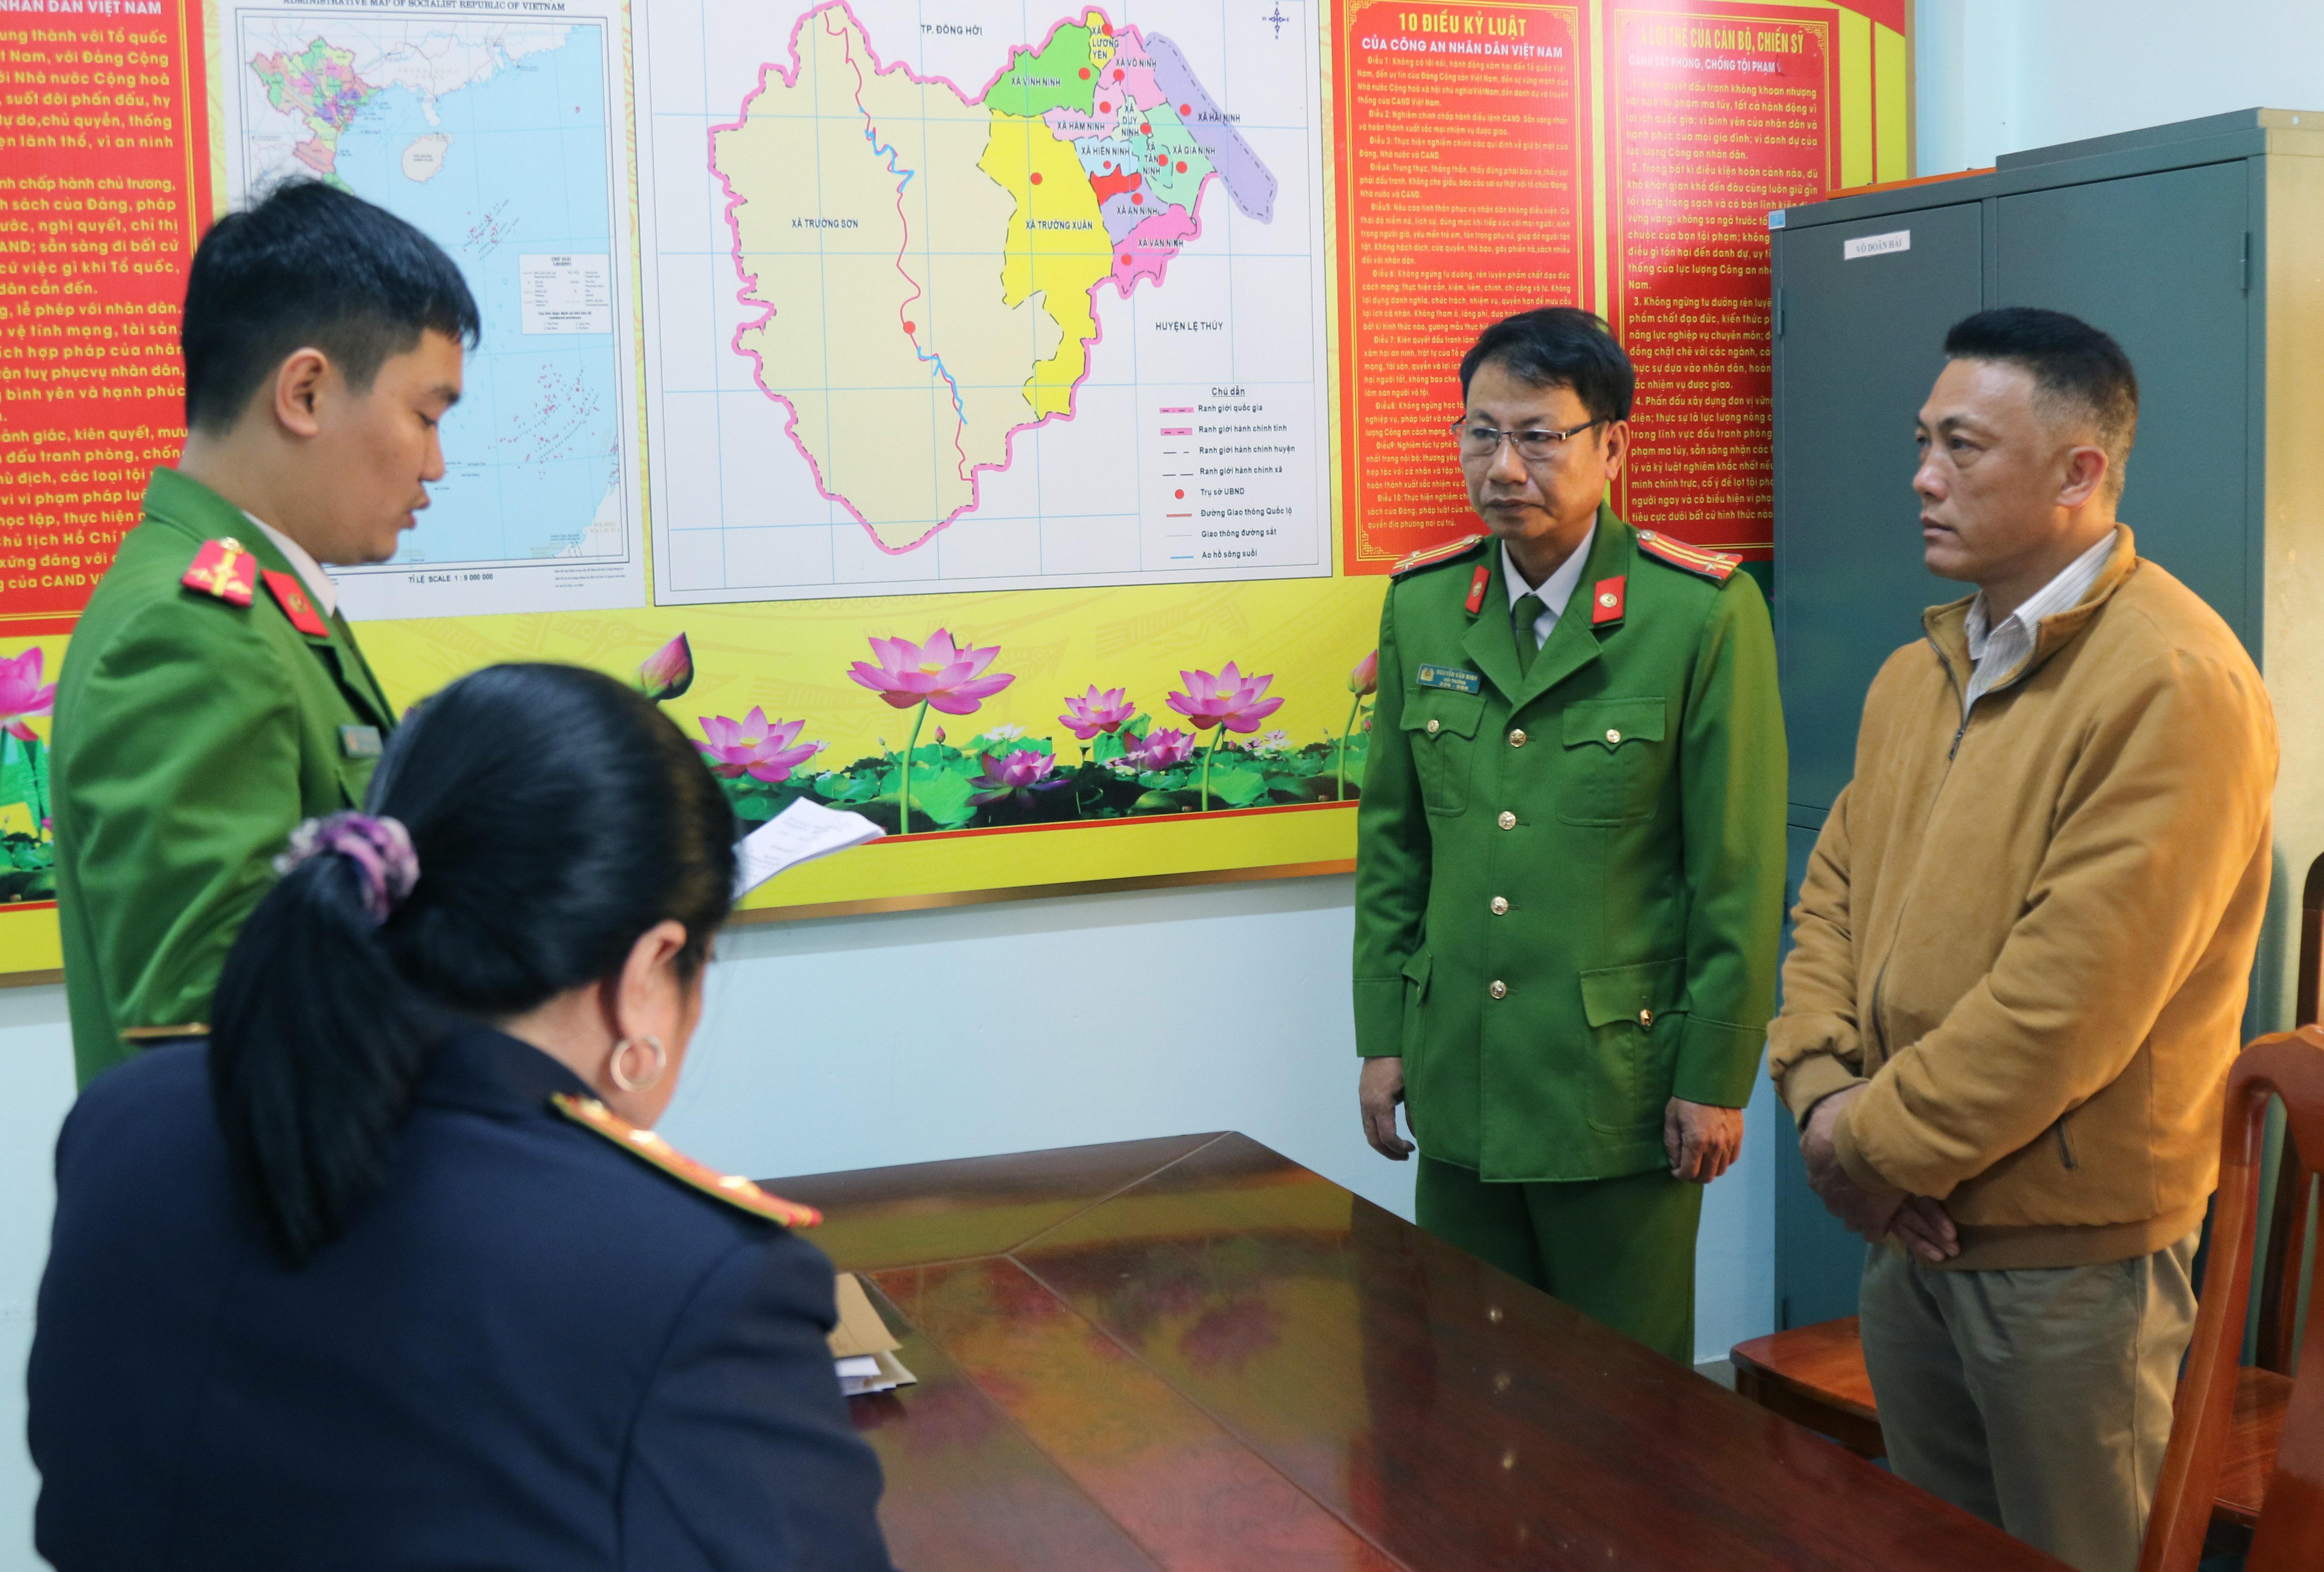 Tống đạt quyết định khởitố hình sự, khởi tố bị can và lệnh cấm đi khỏi nơi cư trú đối với Hồ Trọng Bình.